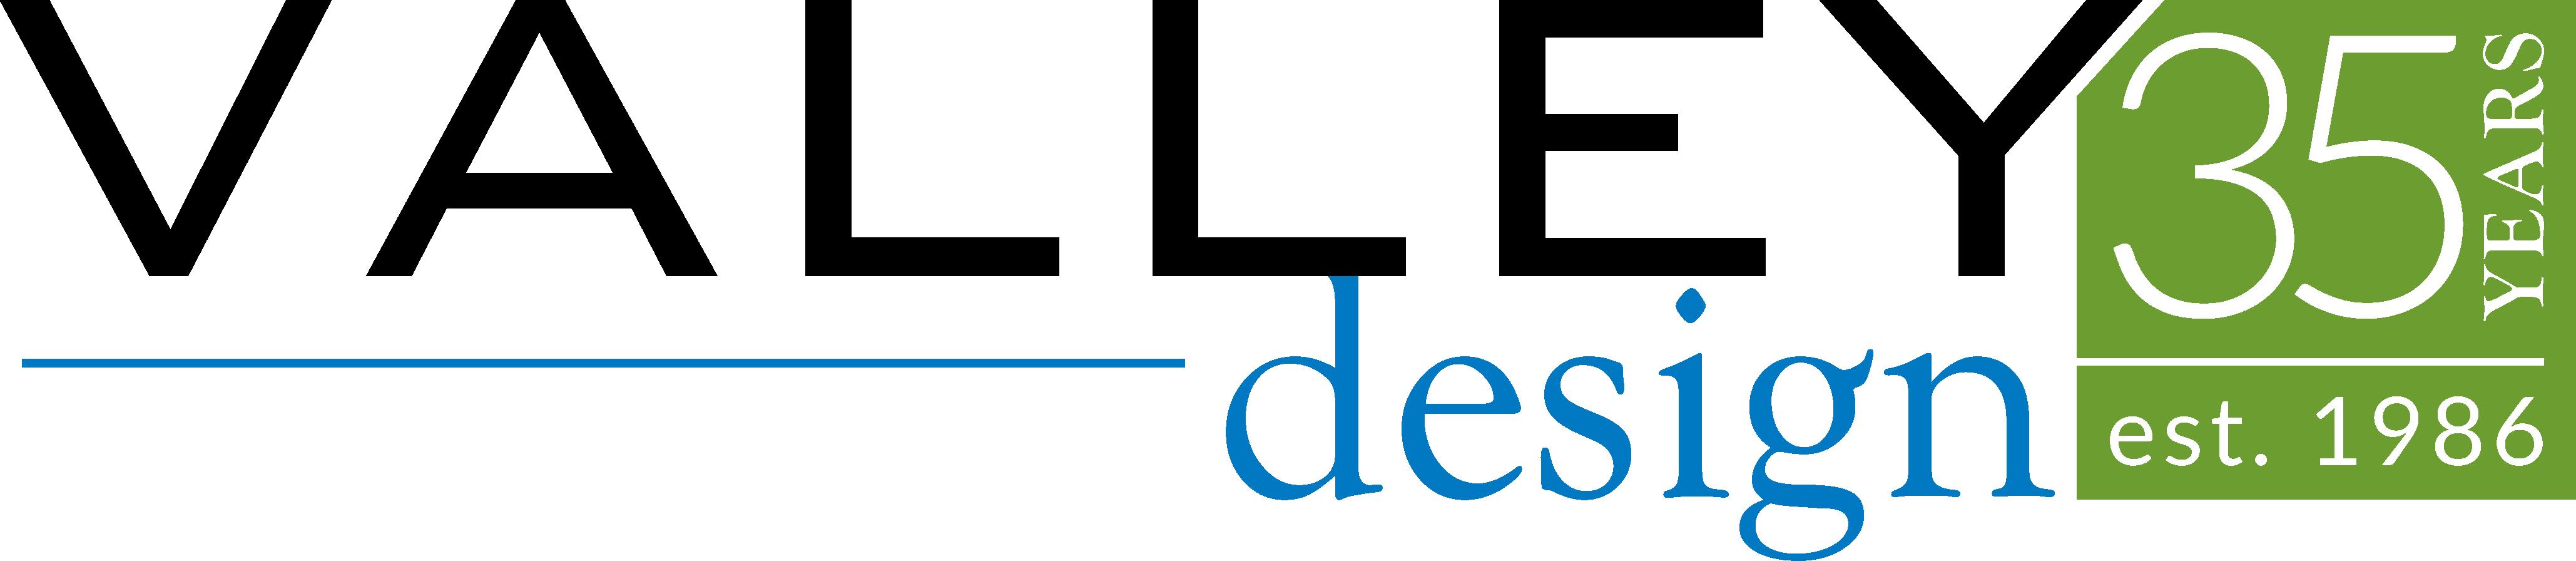 valley design 35 year logo